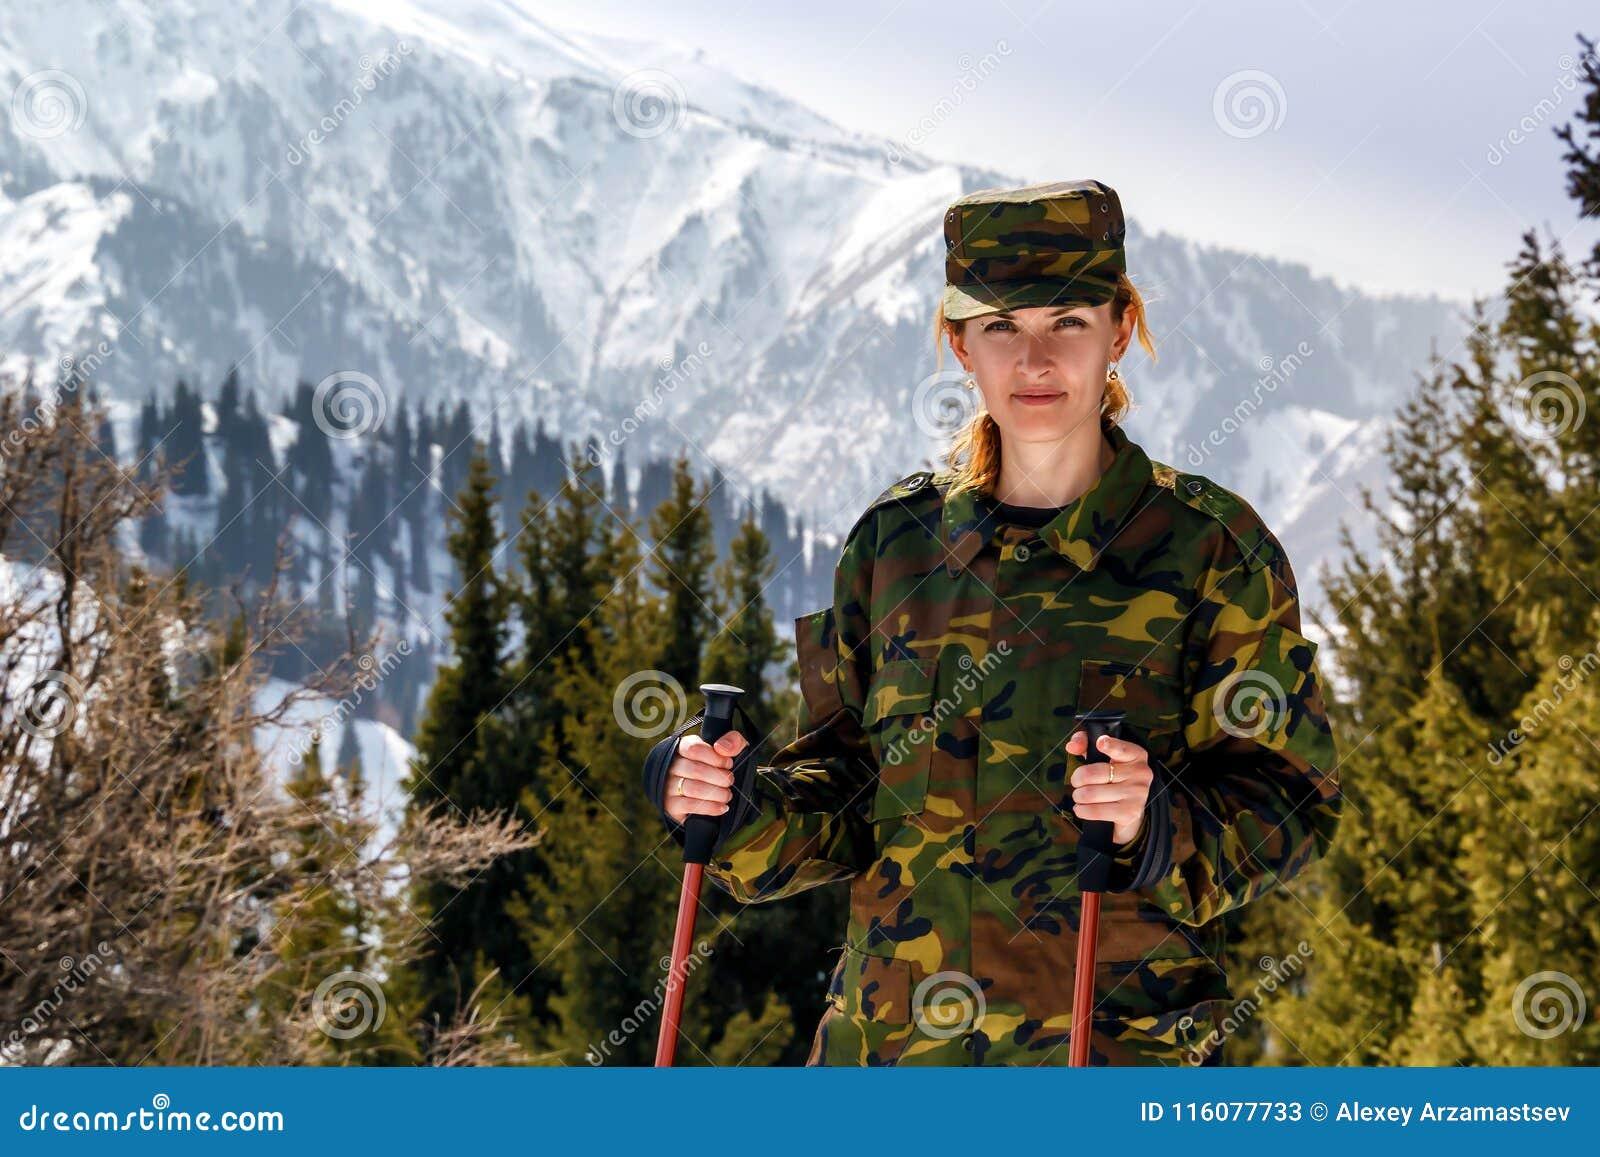 Junge Frau in der kakifarbigen Uniform mit Spazierstöcken auf einem Hintergrund von Schnee-mit einer Kappe bedeckten Bergen